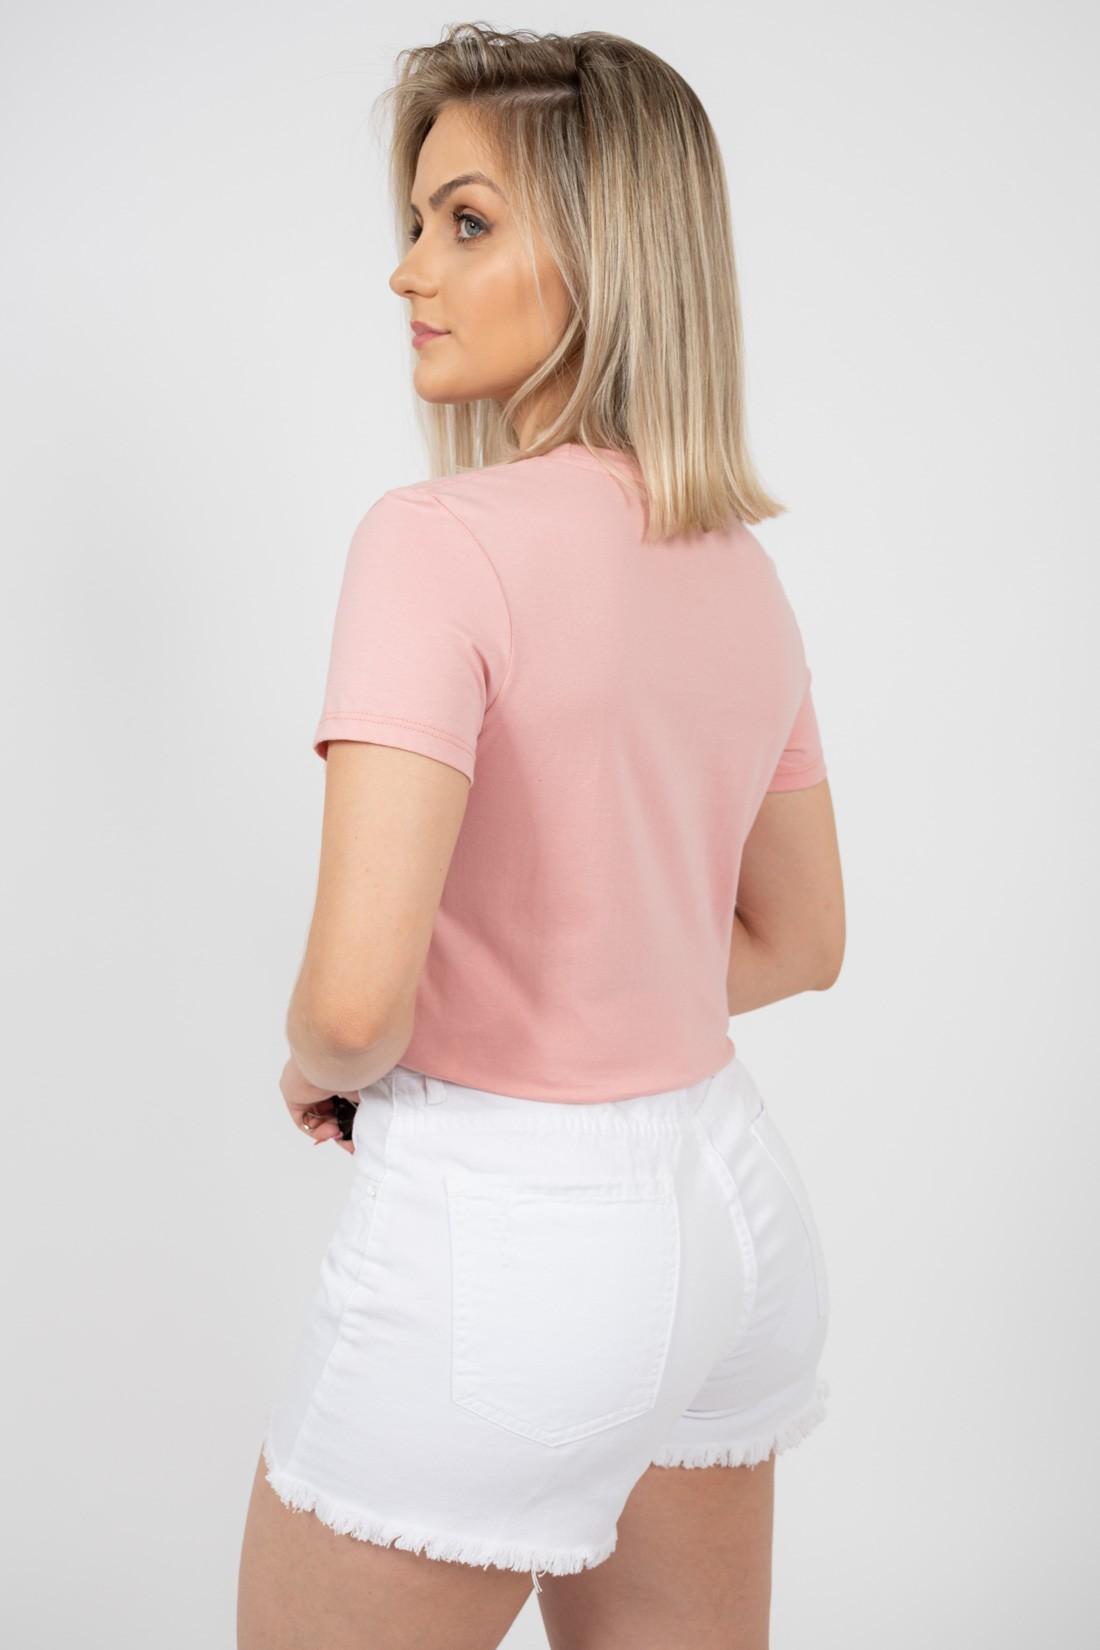 T Shirt Levis Basica